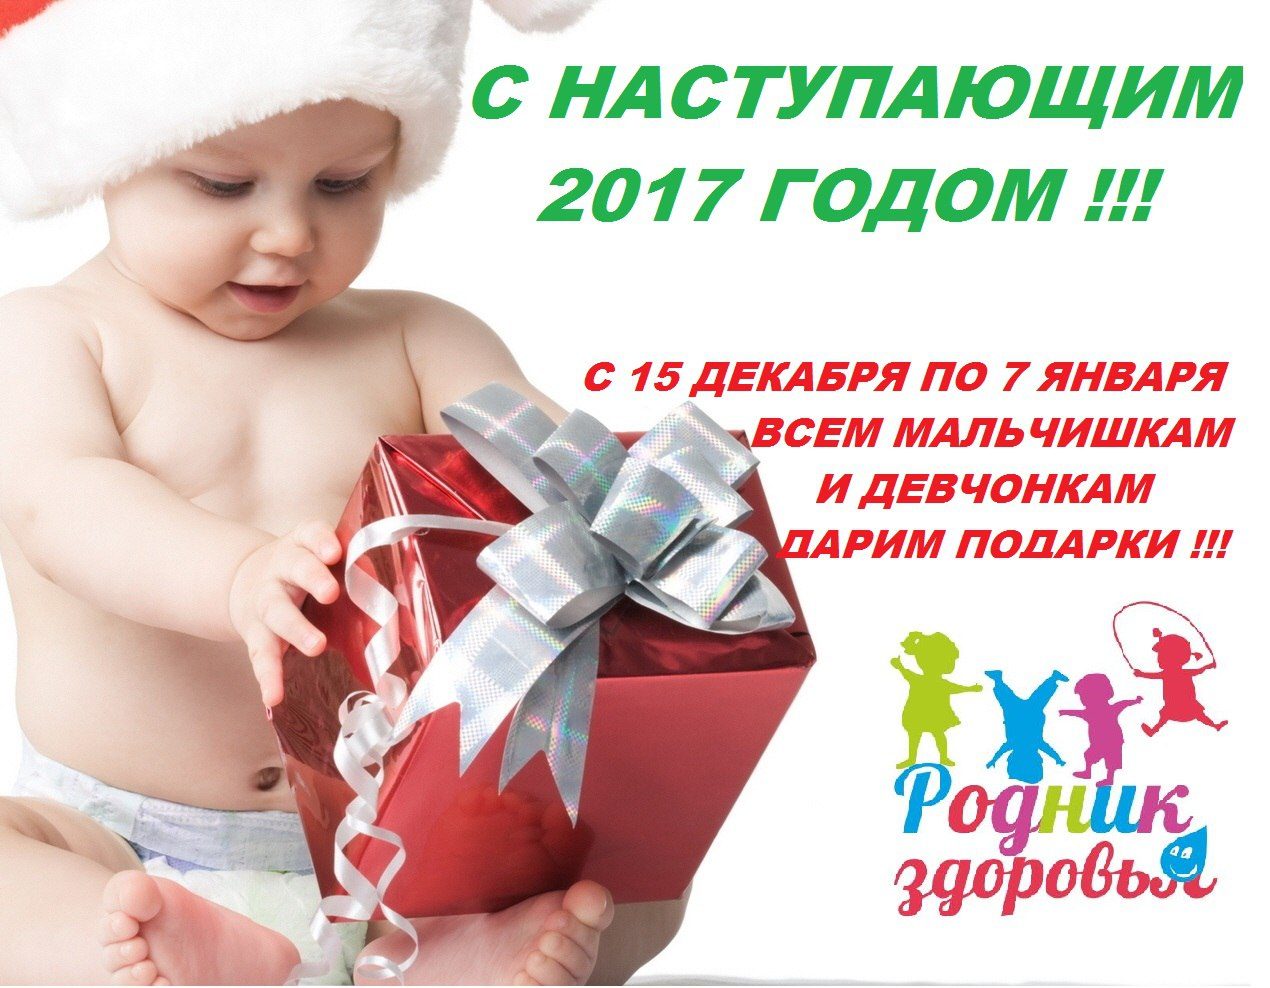 76 детская поликлиника регистратура телефон